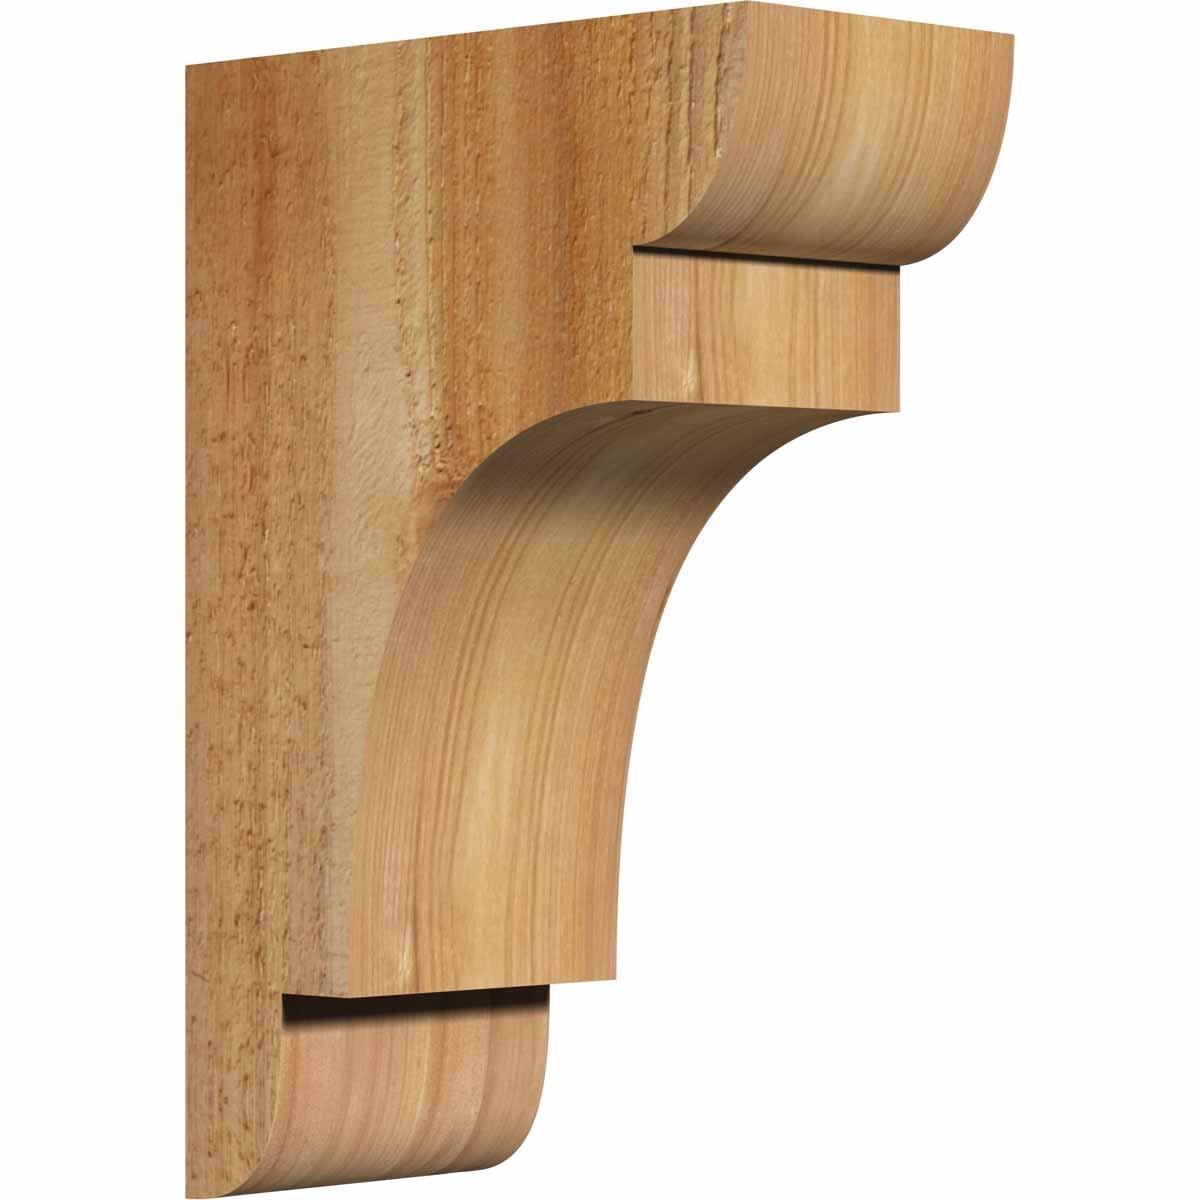 Ekena Millwork COR04X08X12NEB00RWR New Brighton Rough Sawn Corbel, 4'' Width x 8'' Depth x 12'' Height, Western Red Cedar